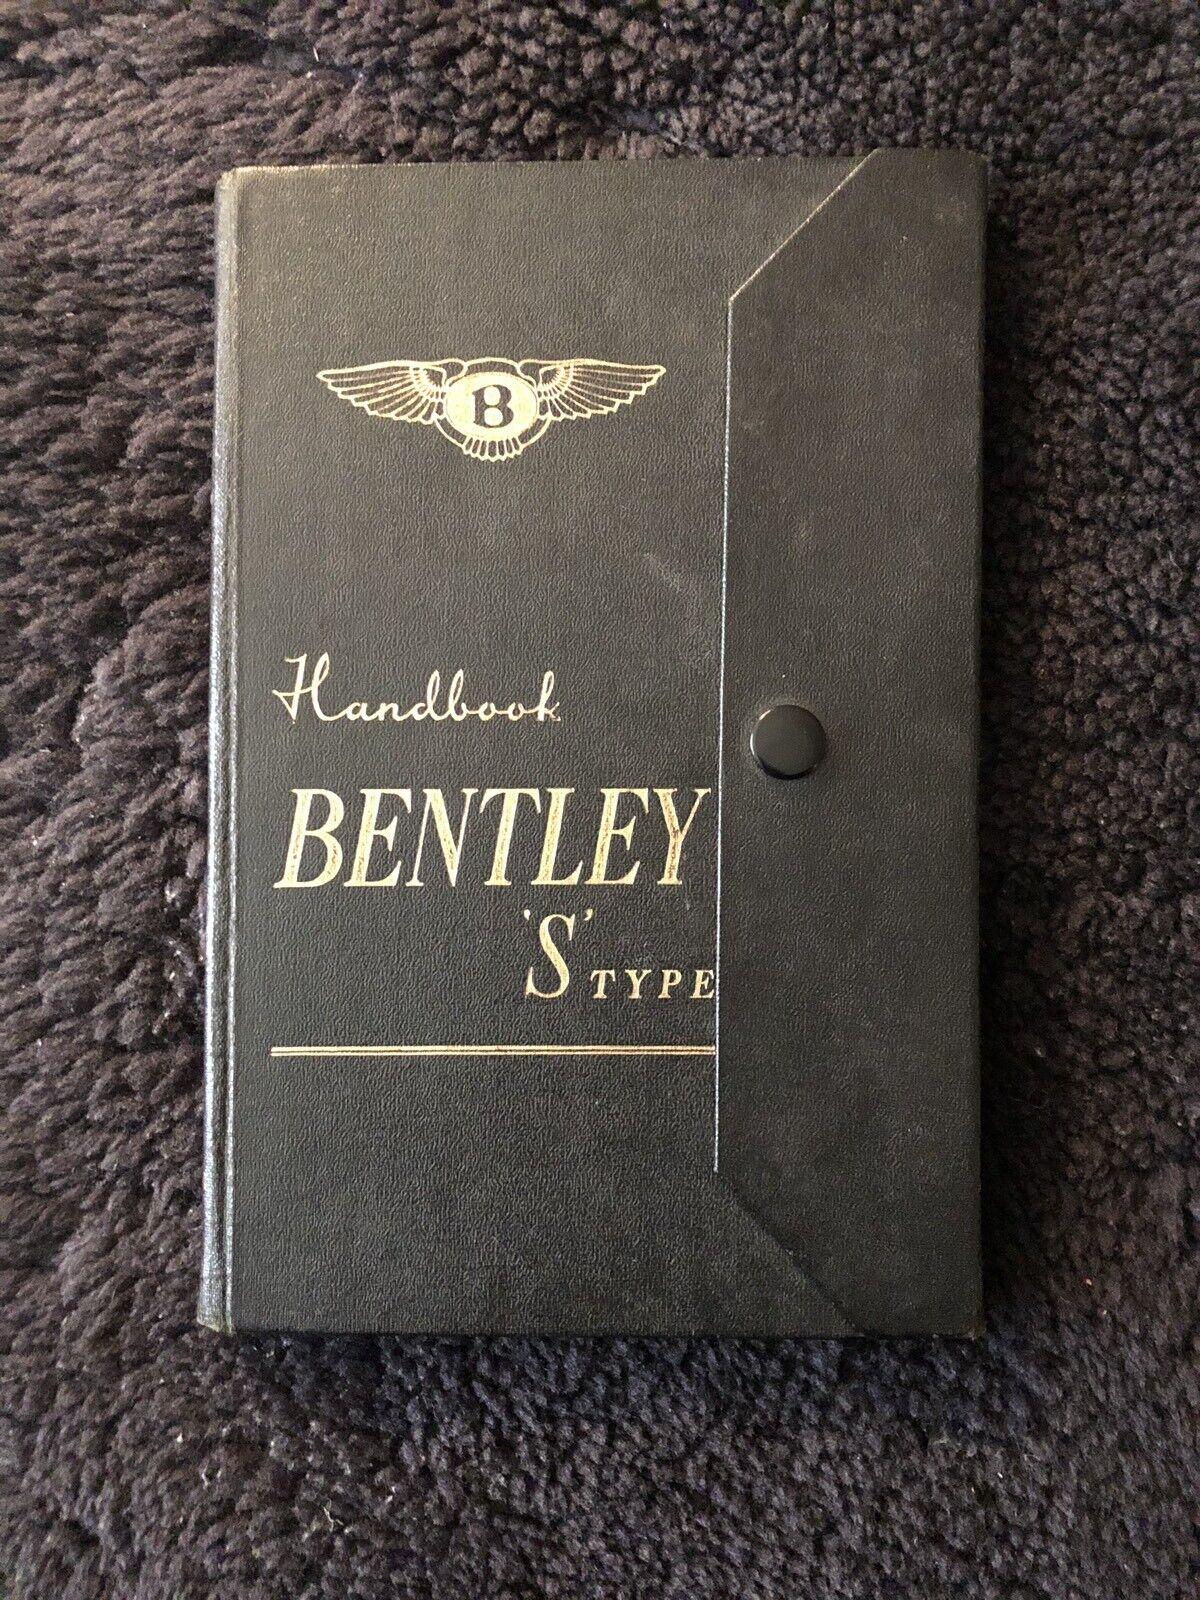 Rolls-Royce Bentley S1 Owners Manual Handbook 1955-58 OEM LHD RHD